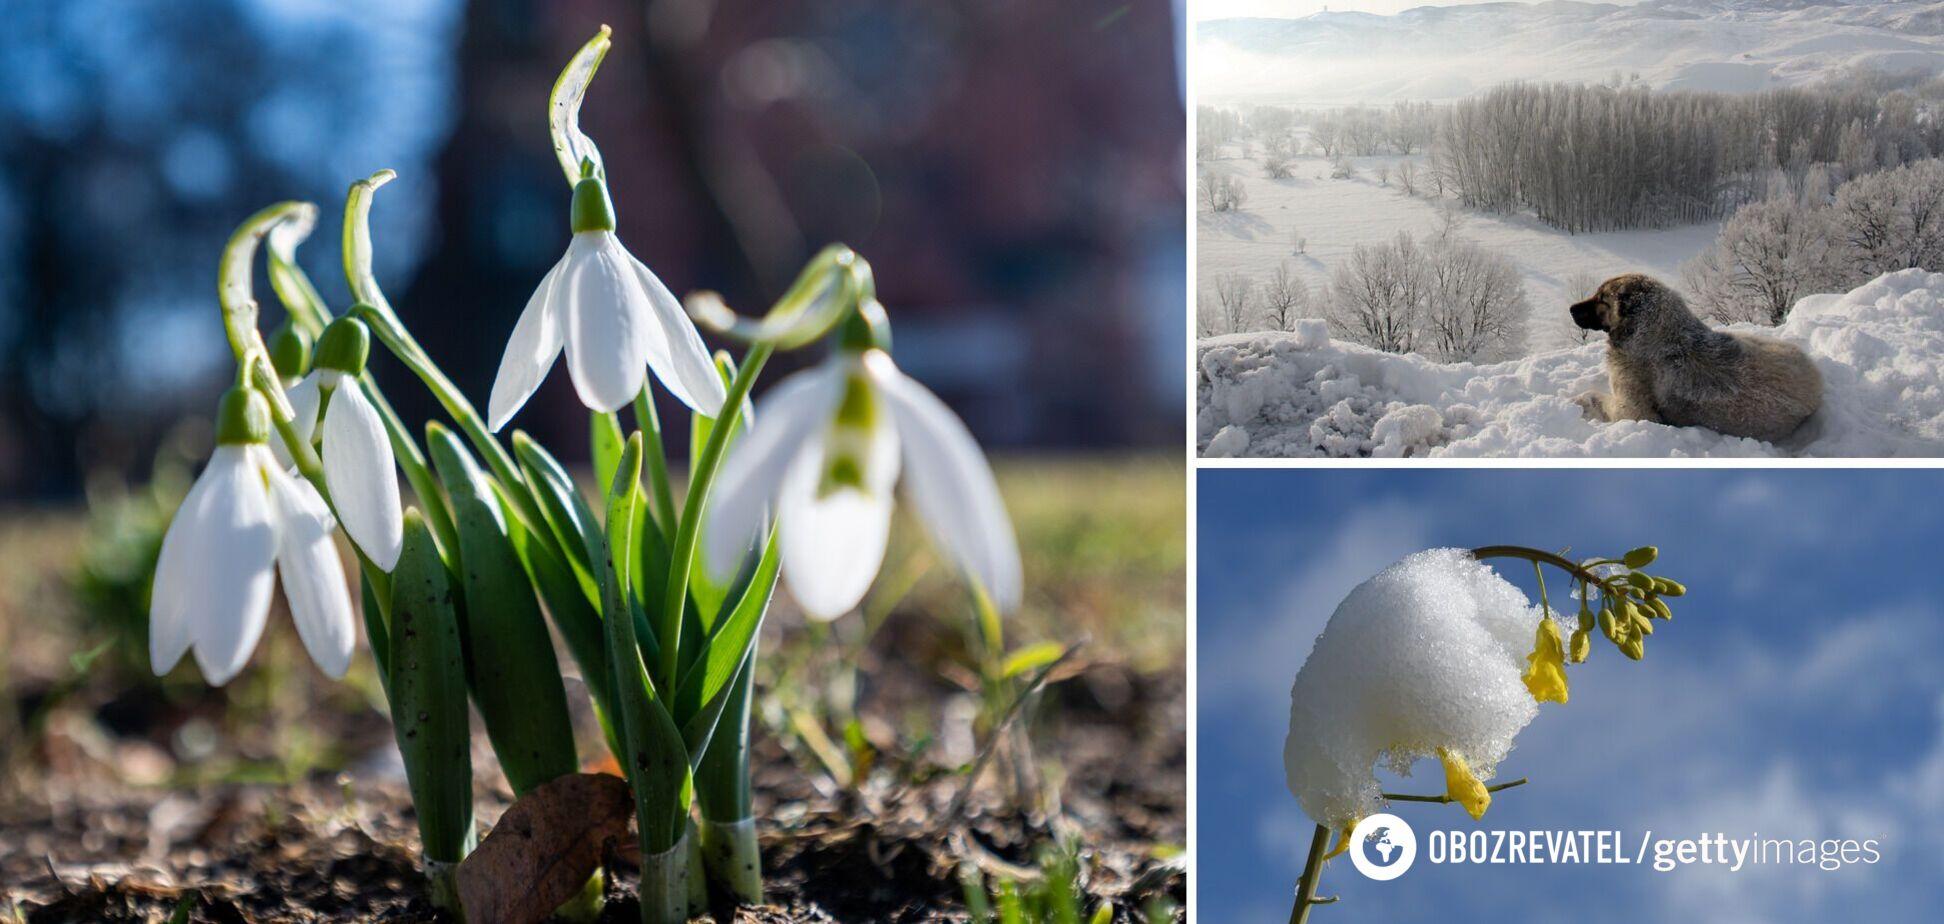 Весна скасовується, йде похолодання: синоптик уточнив прогноз погоди в Україні на початок березня